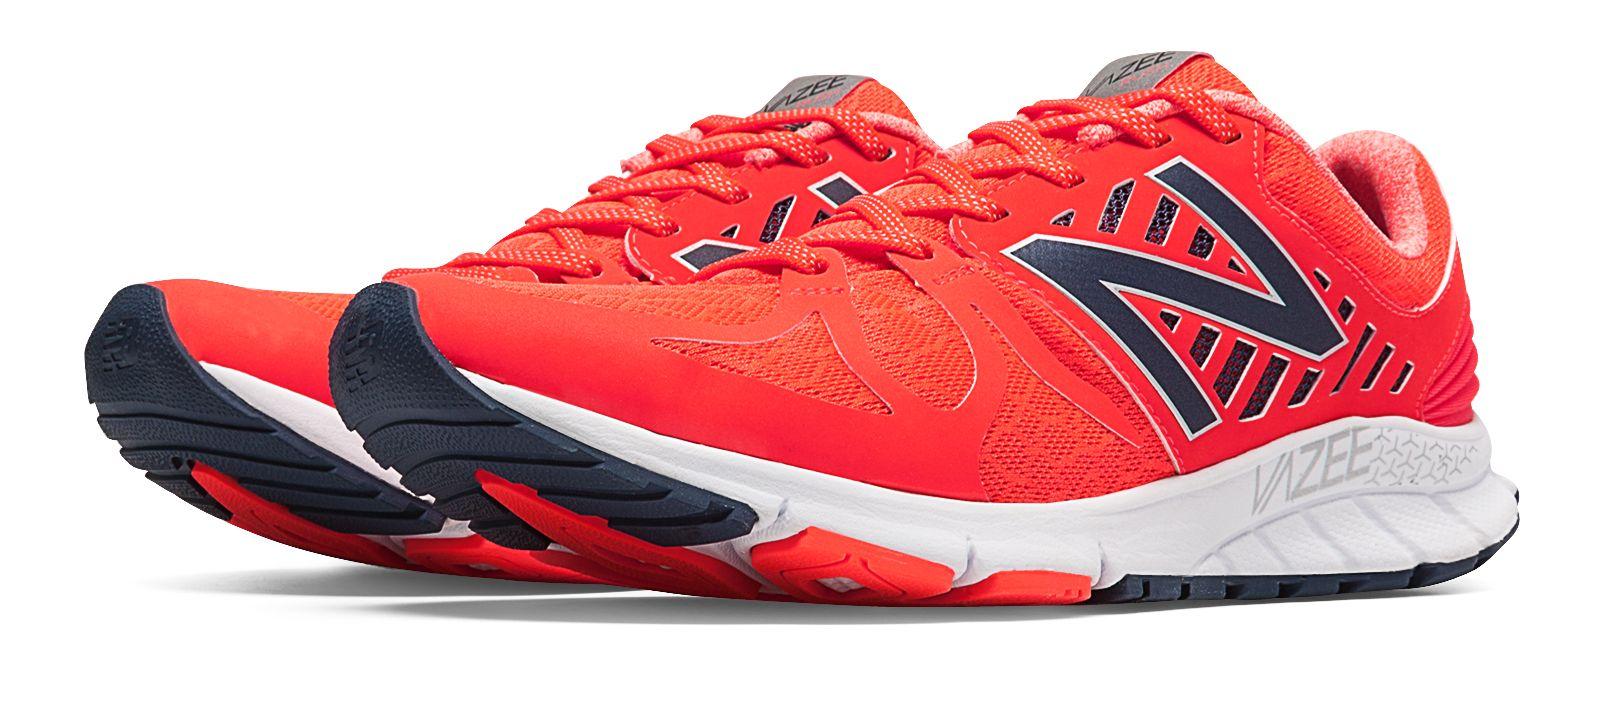 New Balance Vazee Rush Mens Running Shoes  -  Mrushor - 15 - d